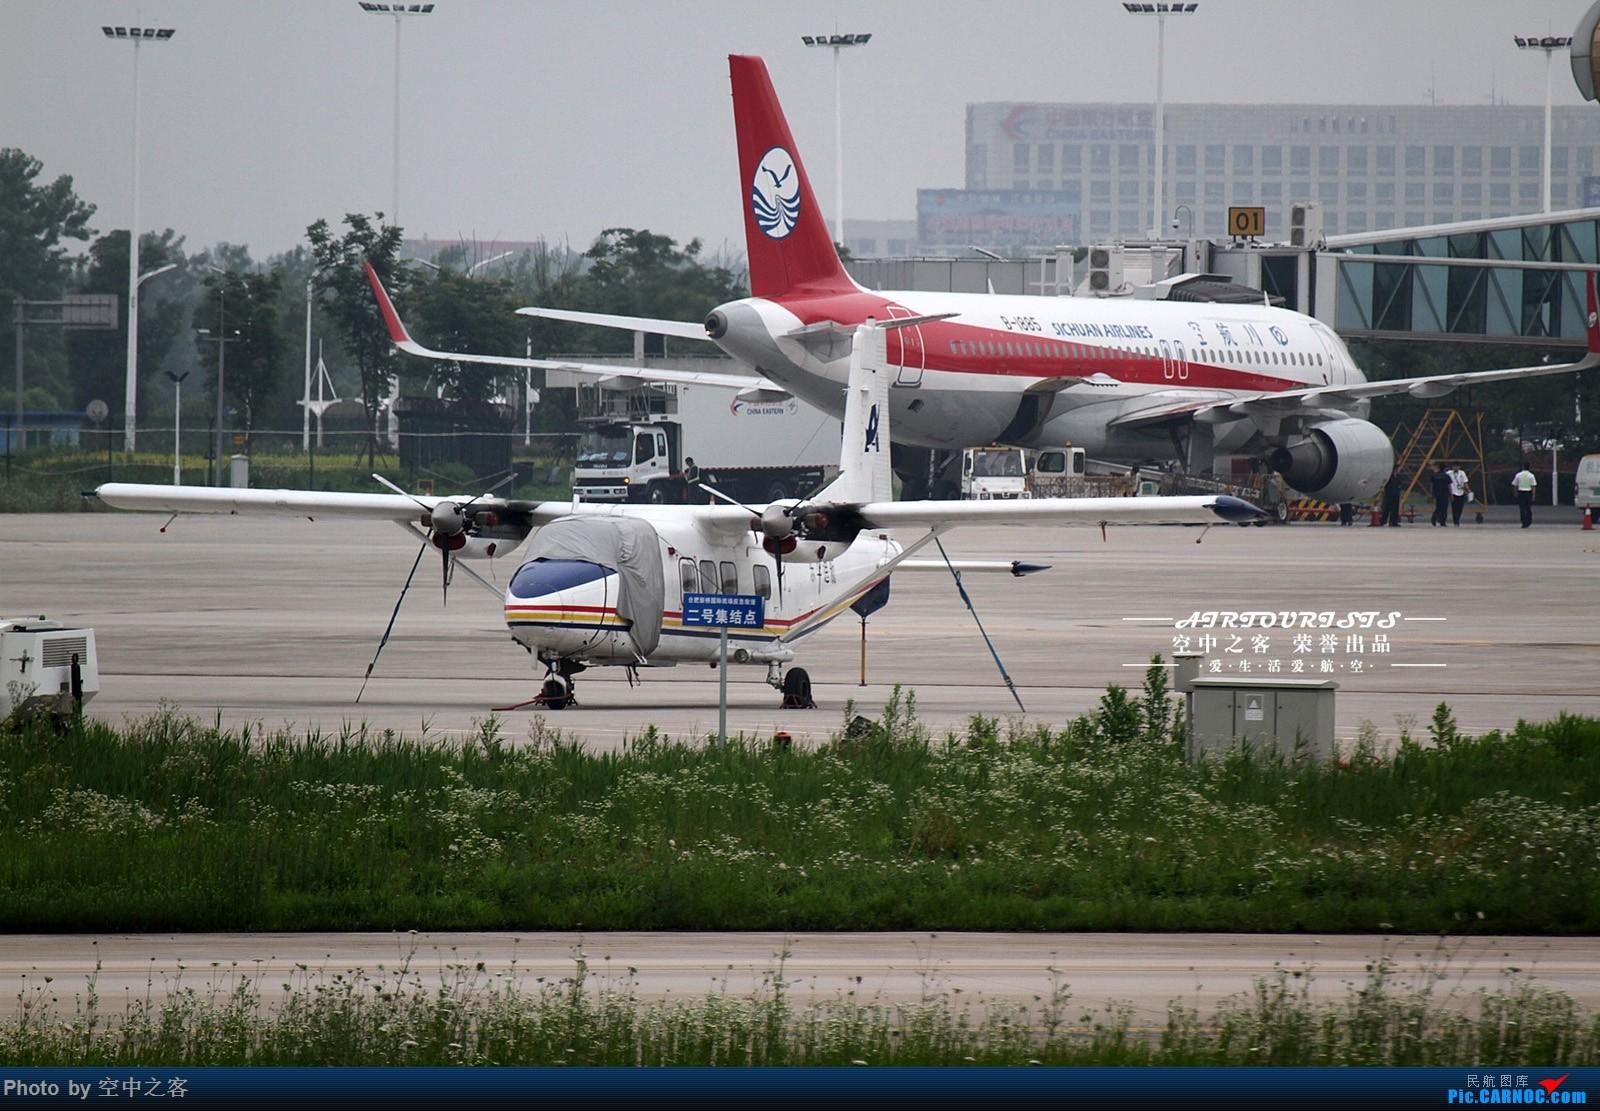 Re:[原创][合肥飞友会·霸都打机队 空中之客出品]虽然水泥天也要来一场说走就走的拍机(前传) HAFEI Y12II B-3838 合肥新桥国际机场